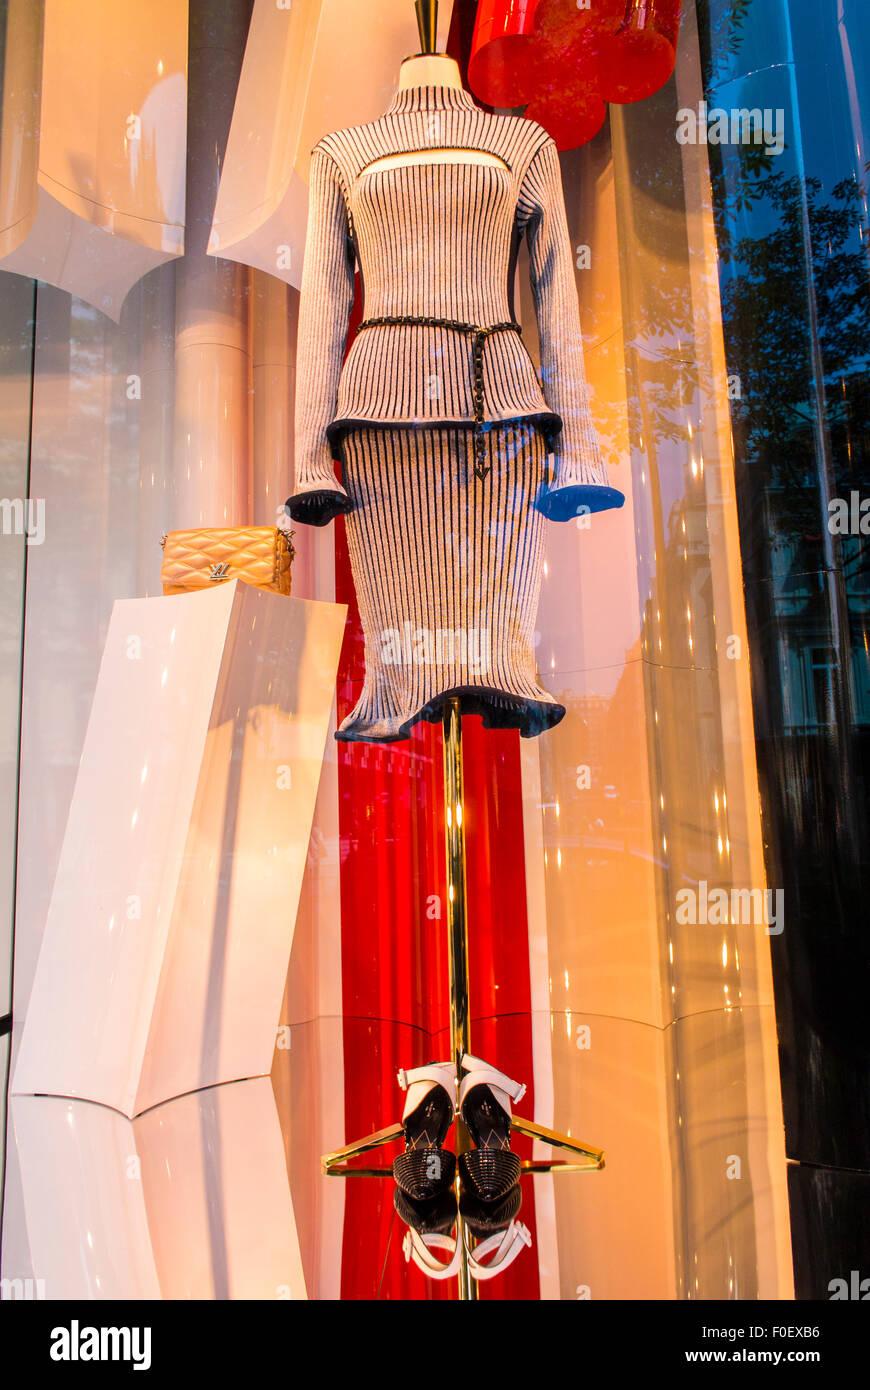 Paris, France, magasin, fenêtre avant l affichage des produits de luxe,  marques, magasin Gucci, Avenue Montaigne, des vêtements pour femmes, robe 699df917c00